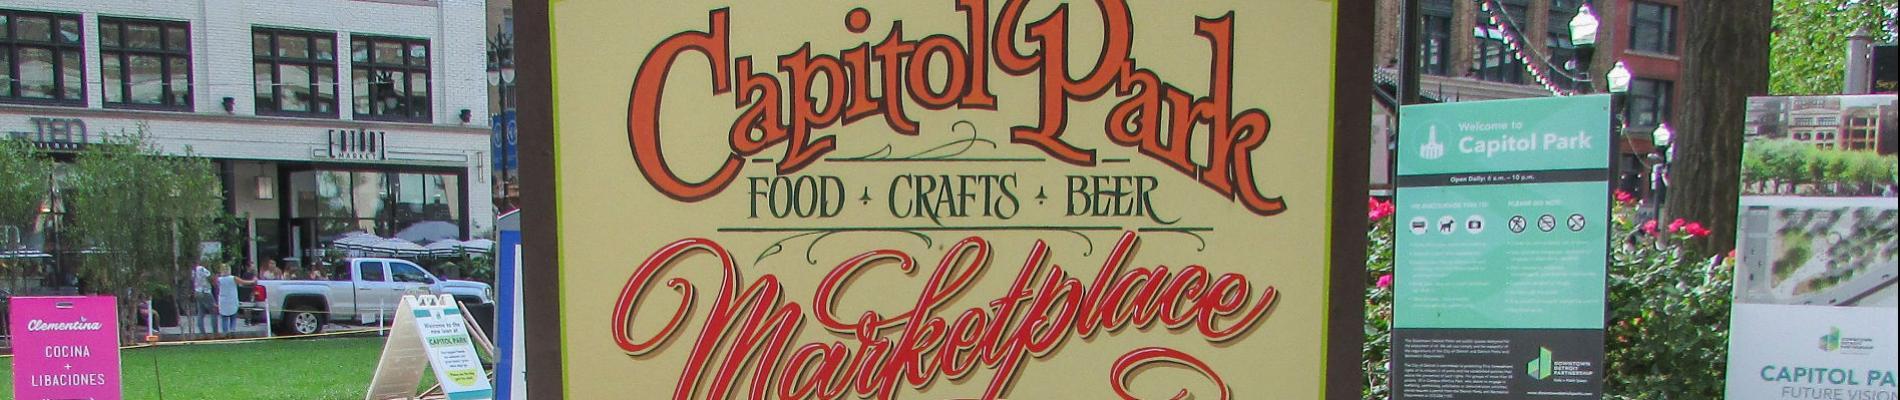 Capitol Park Strolling Brunch Tour